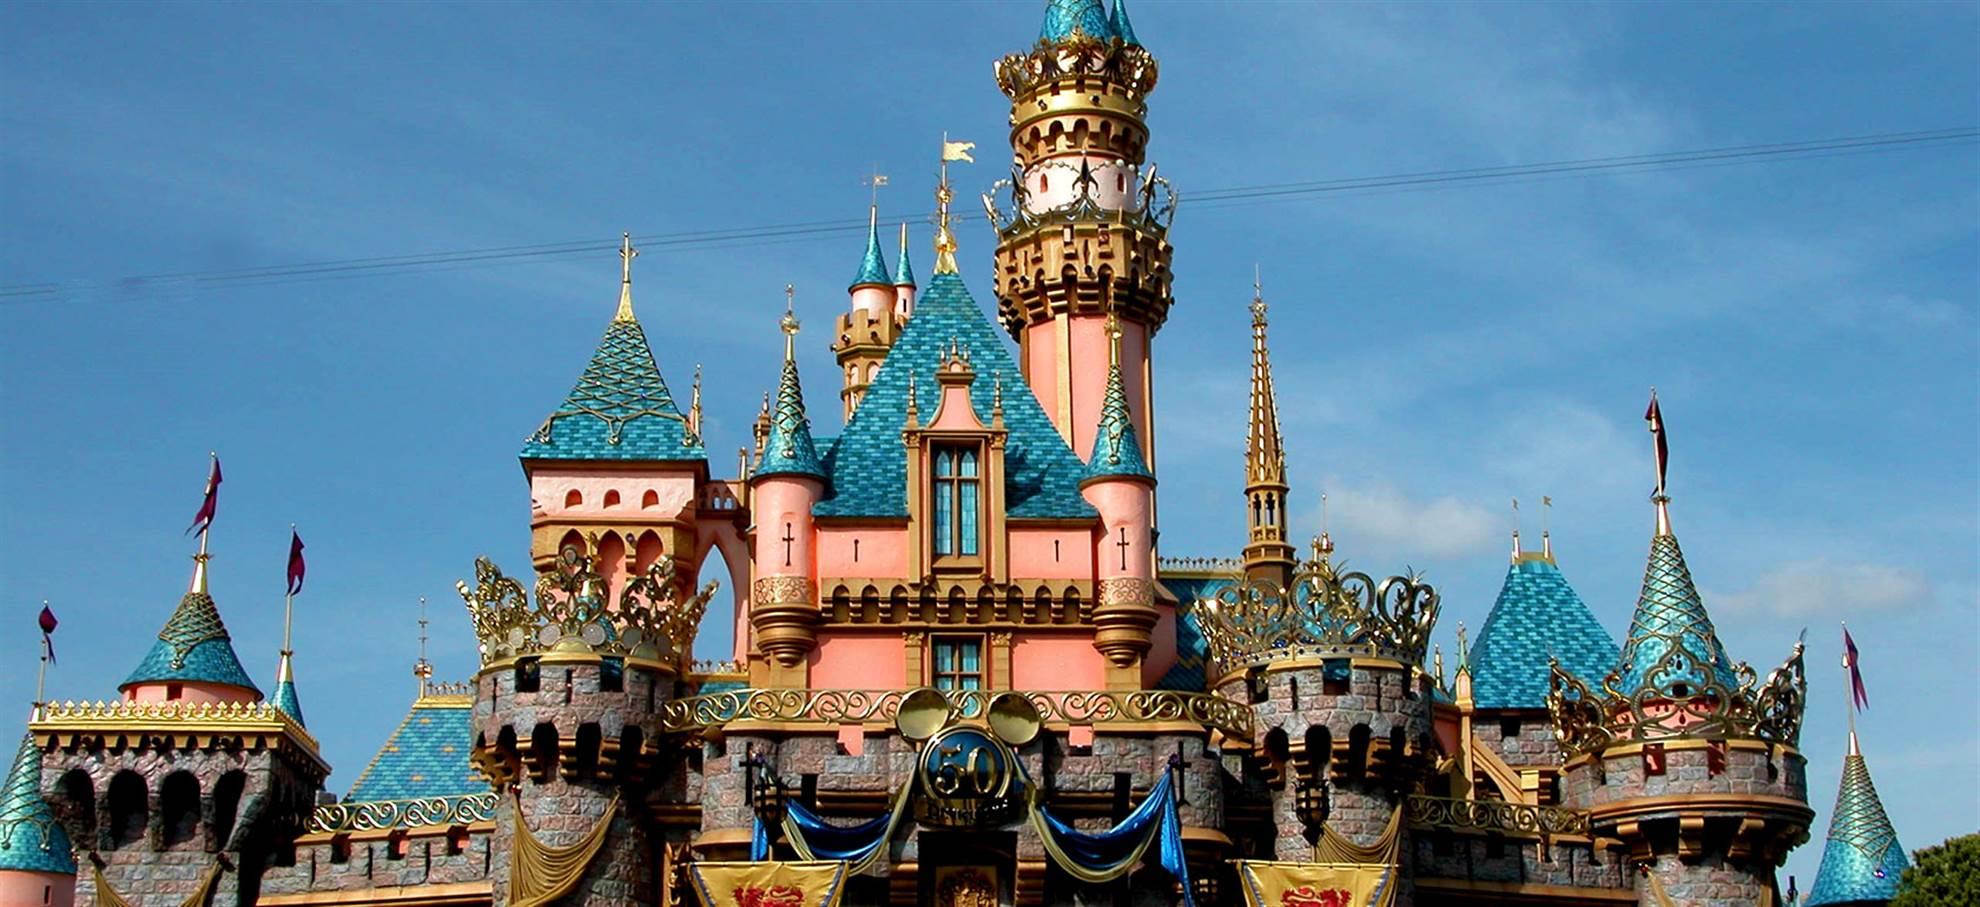 巴黎迪士尼乐园1日2个公园 – 中转酒店 (Code E2)